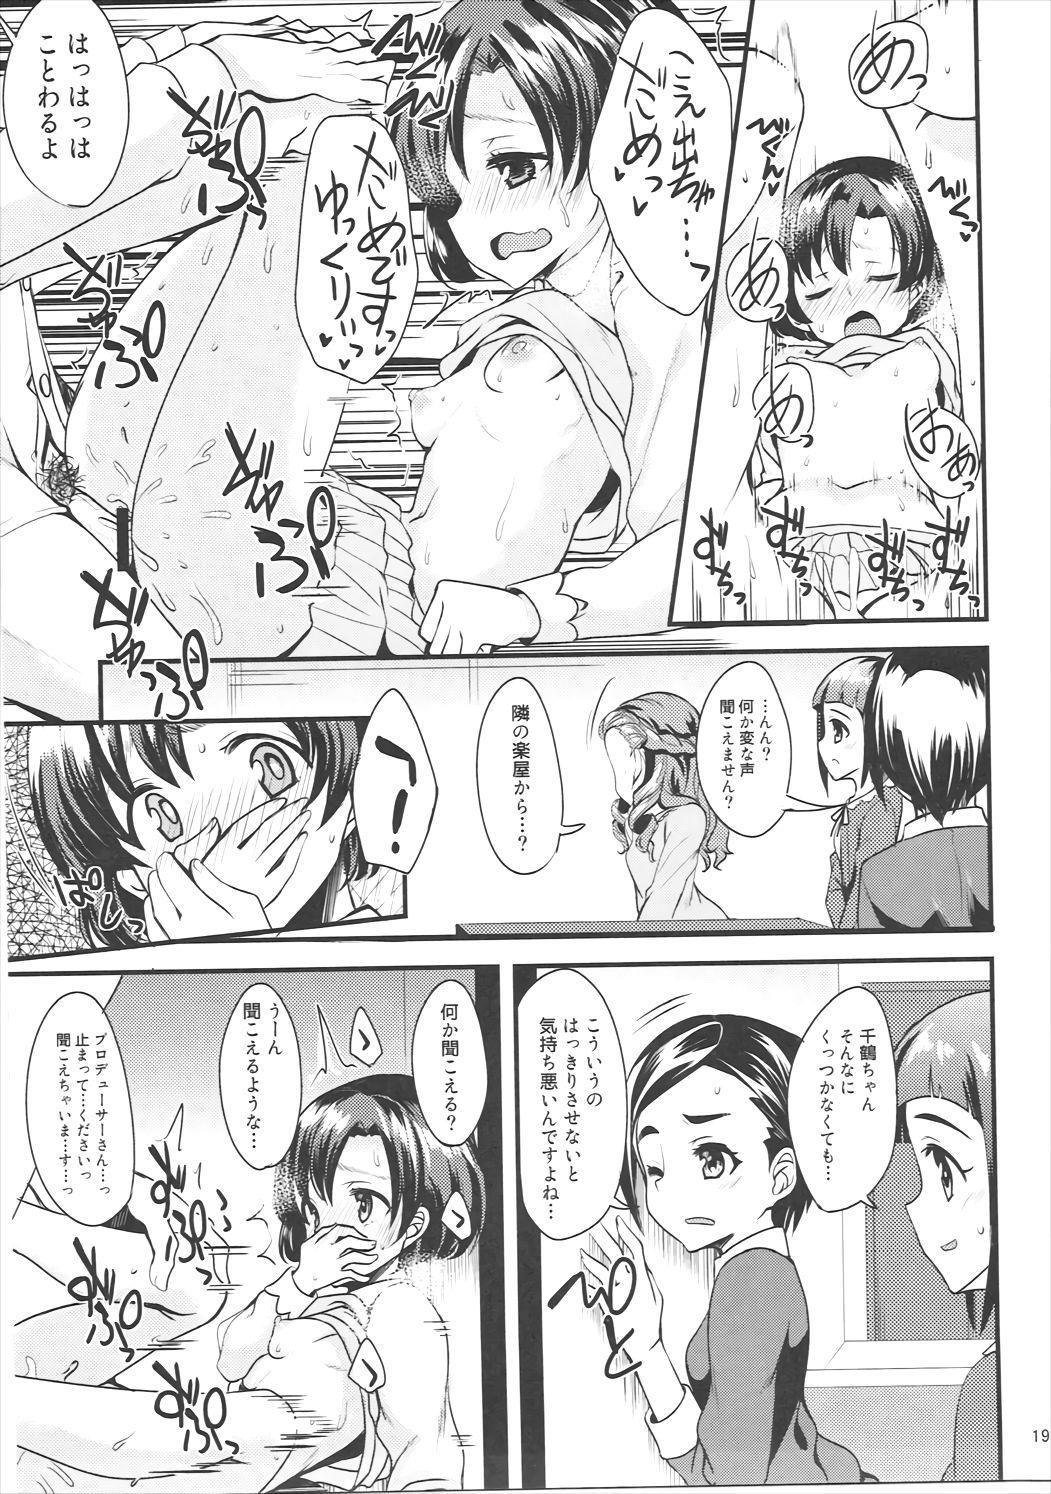 Shiragiku no Shoujo ni Suzuran o 17